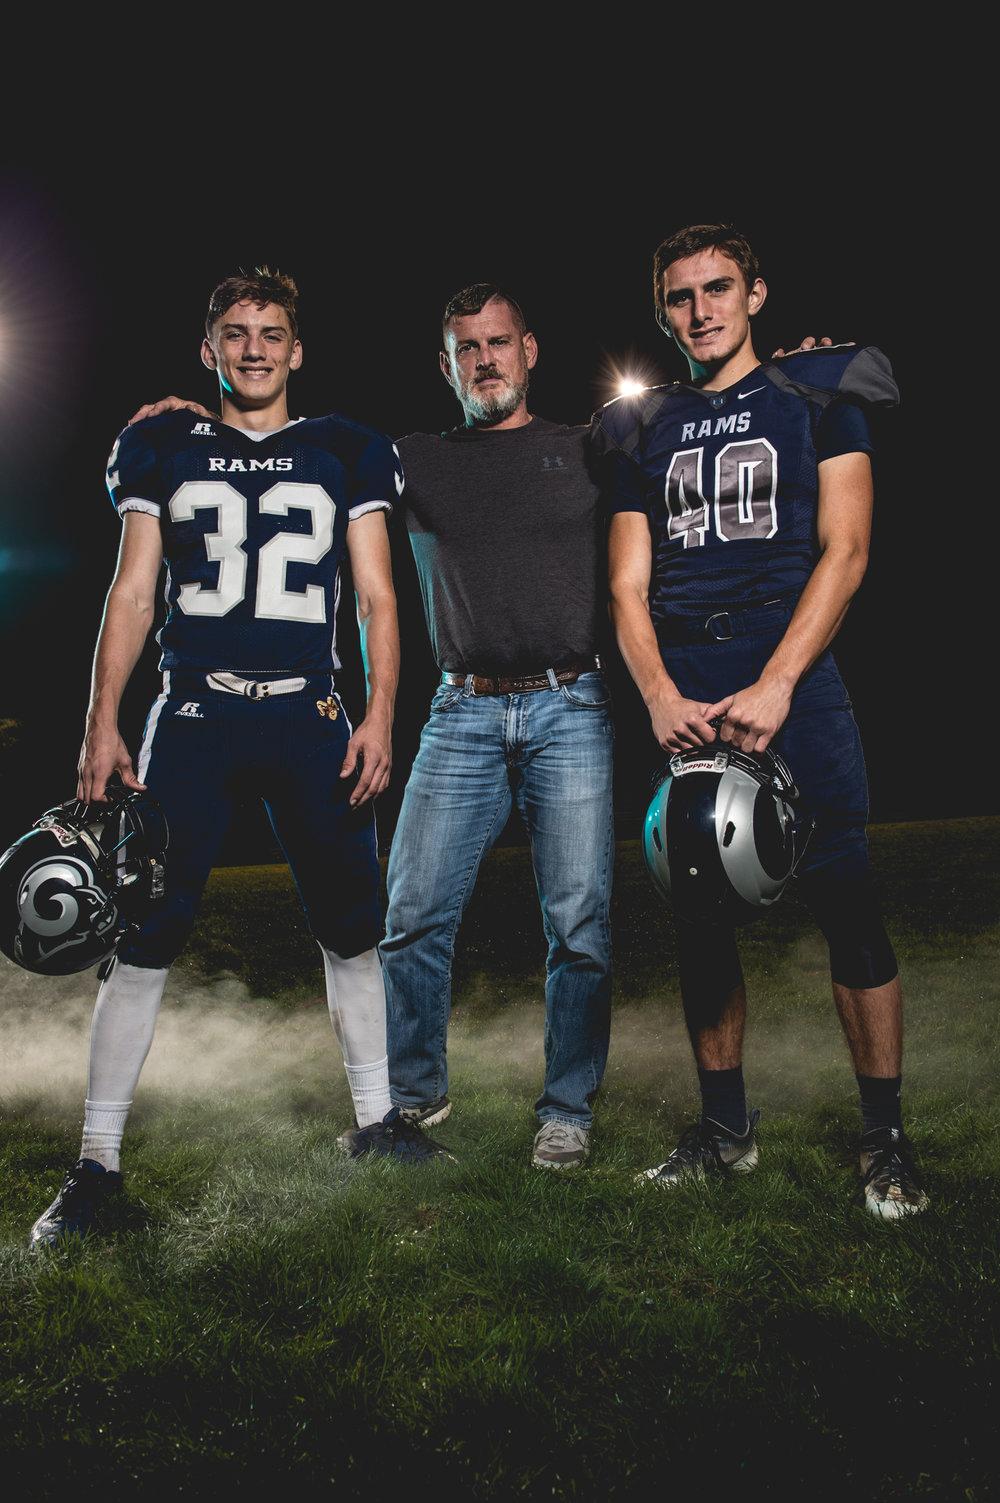 Ryan, me and Ethan